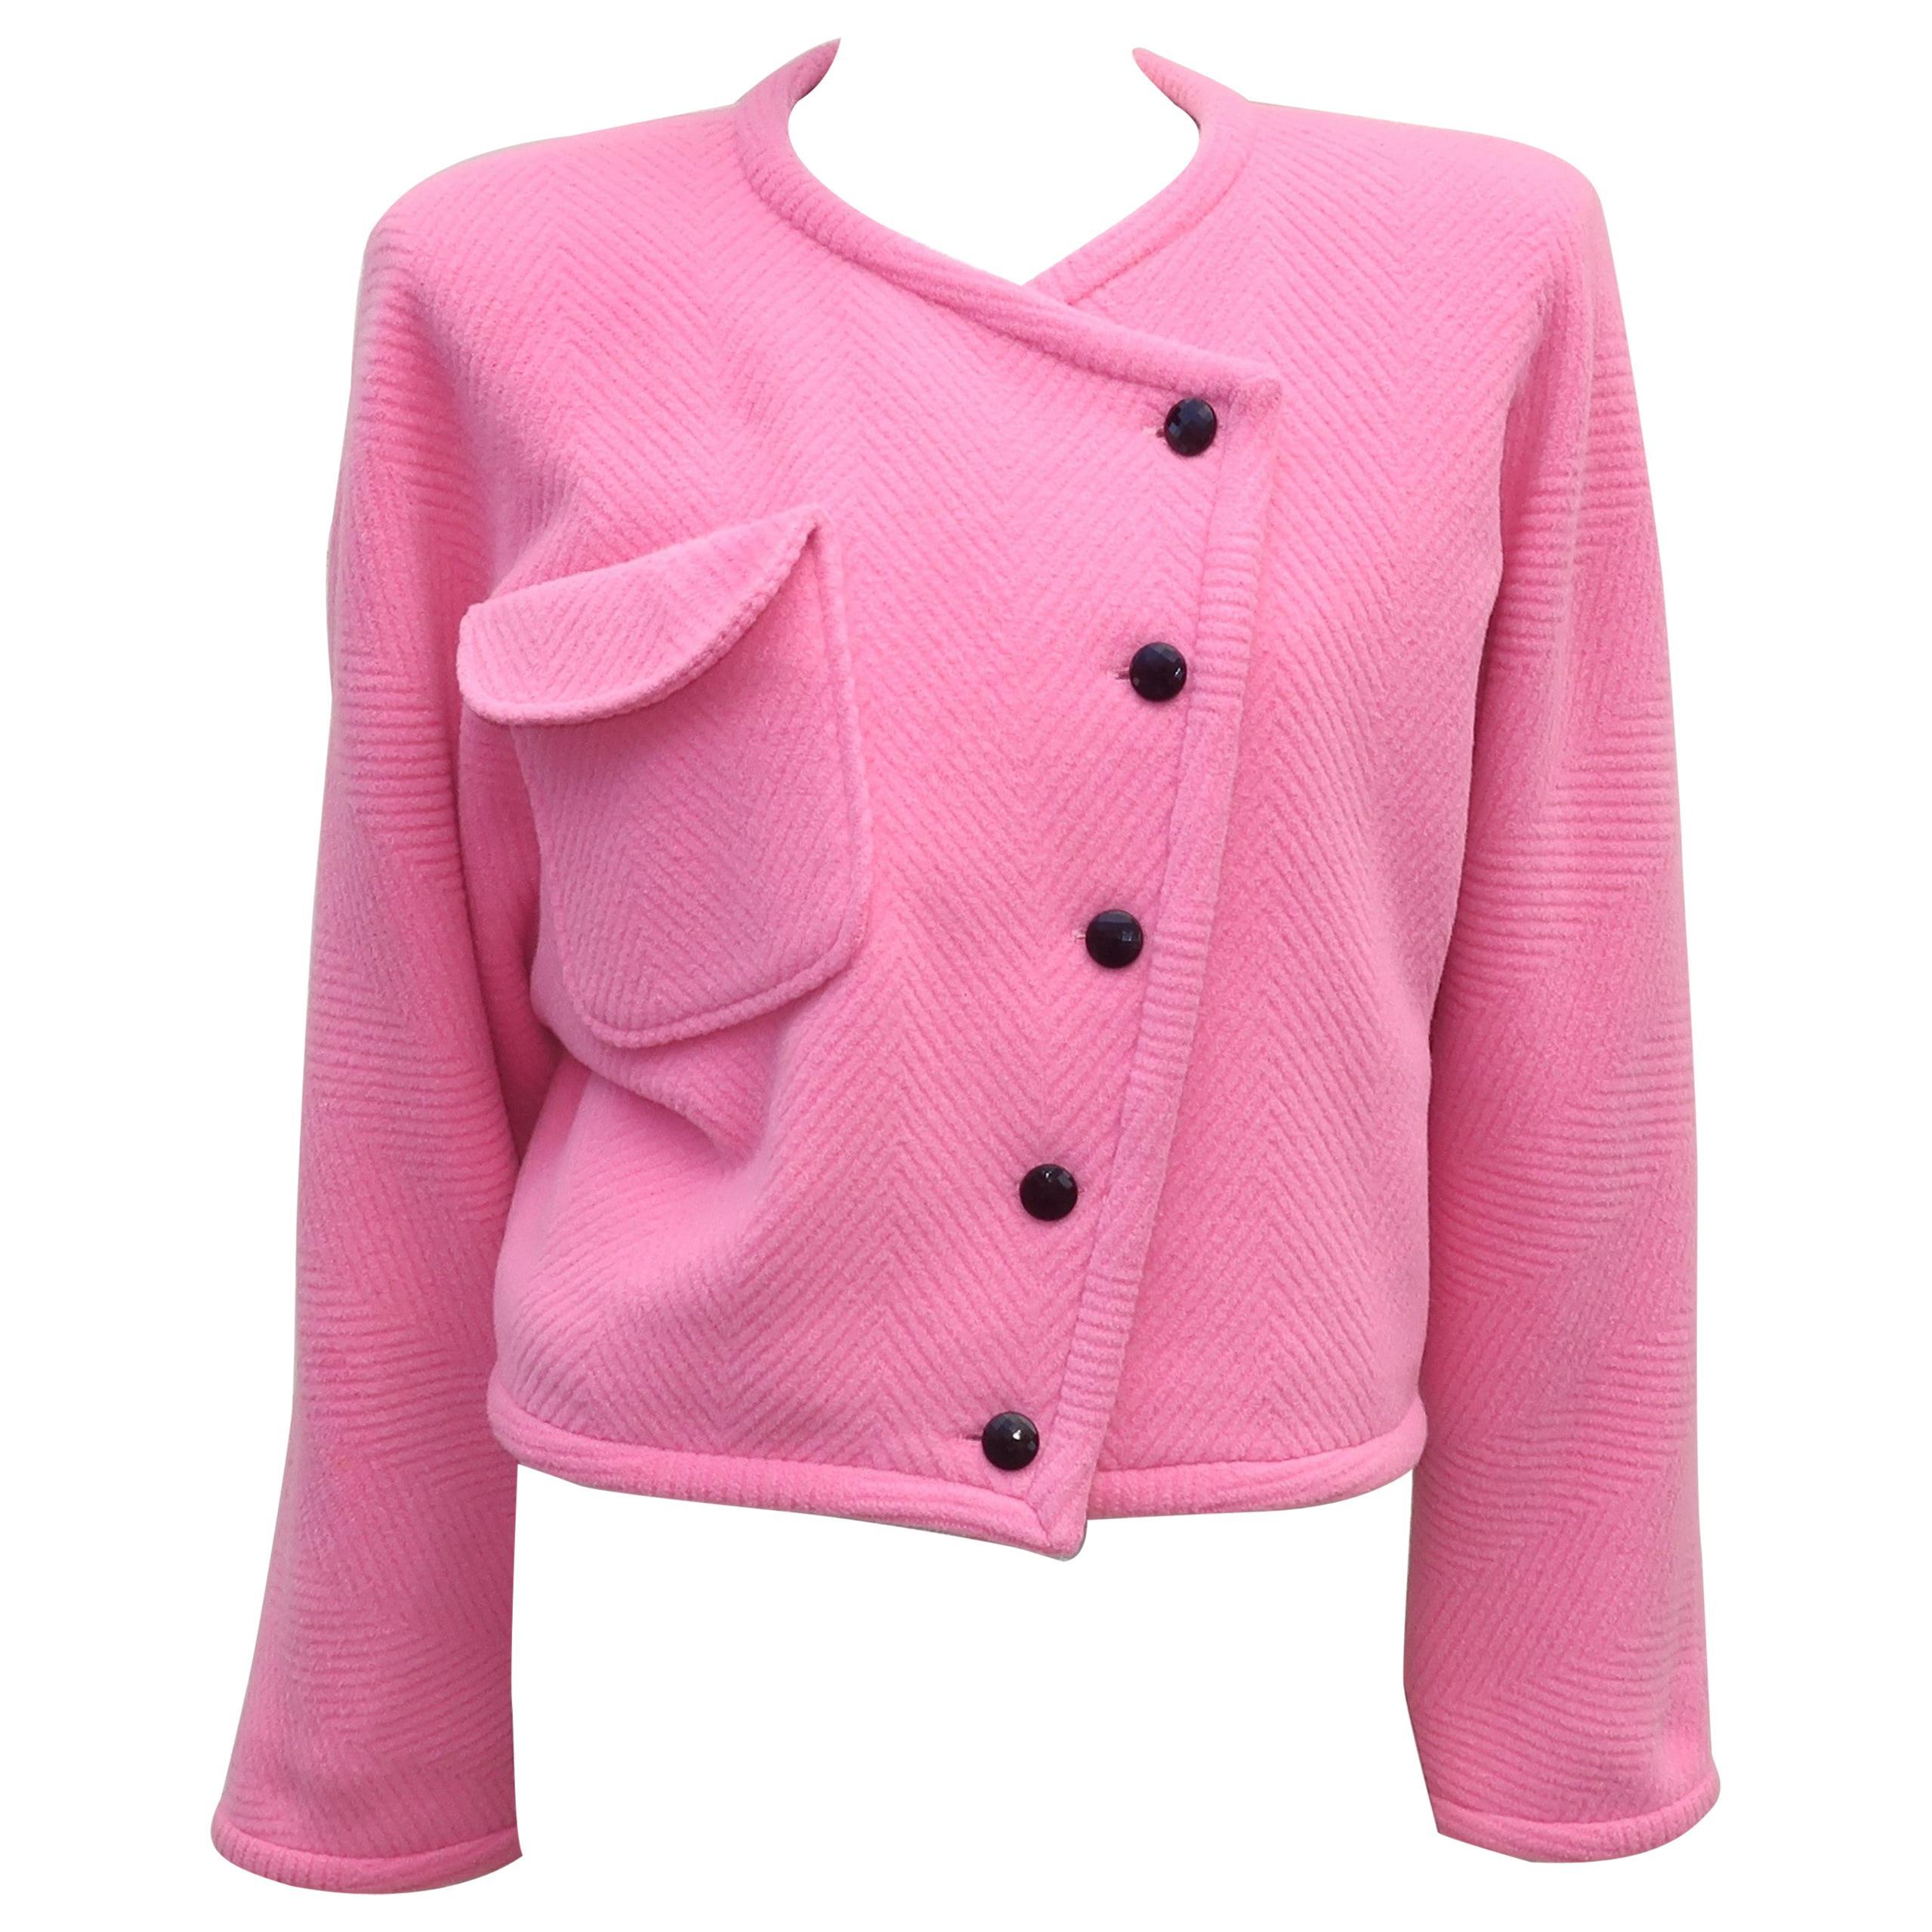 Emanuel Ungaro Pink Herringbone Wool Cropped Jacket, 1980's